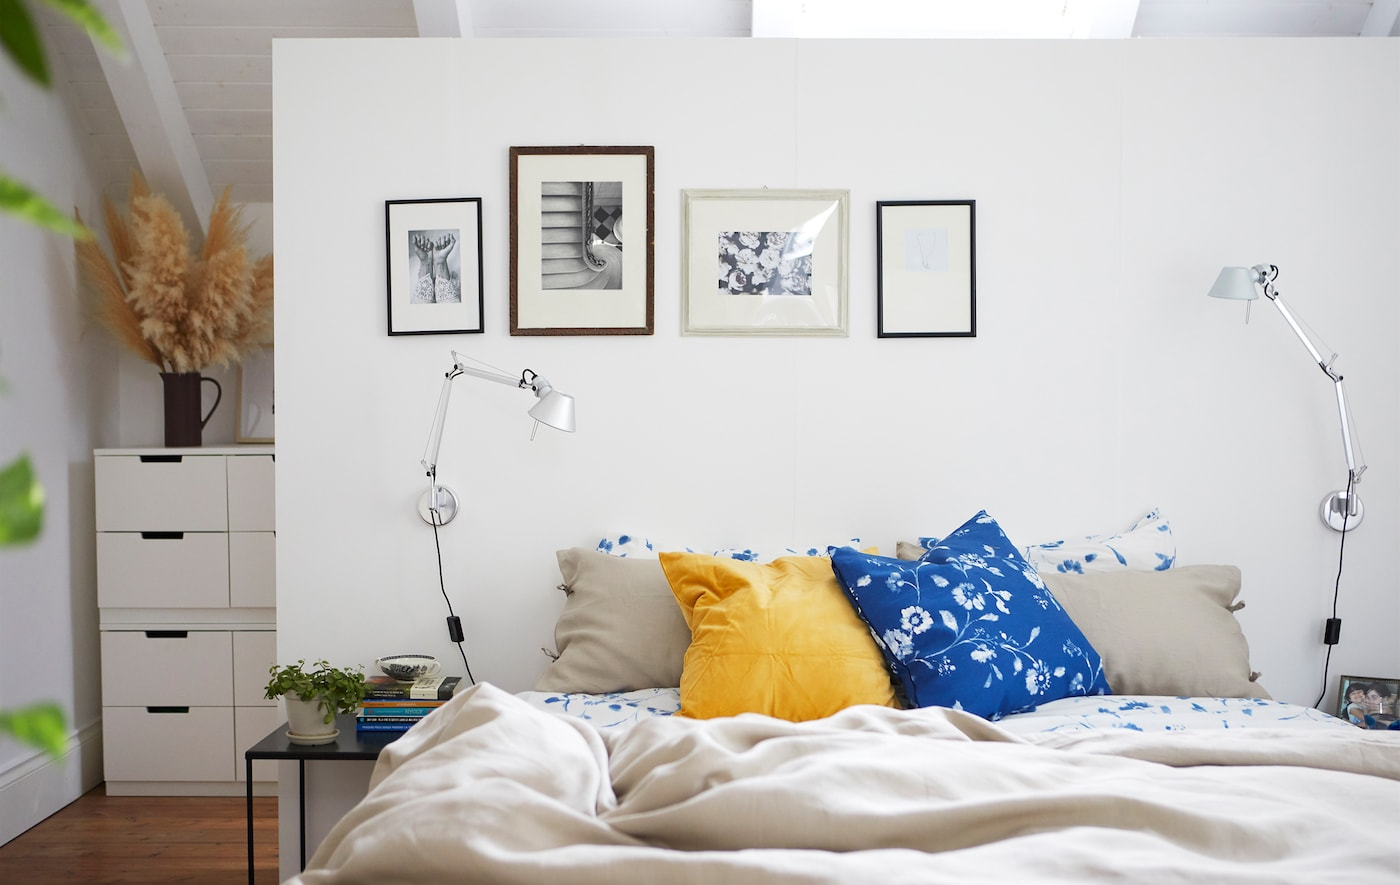 Camera Letto Matrimoniale Ikea.Camere Da Letto Per Sognare A Occhi Aperti Ikea